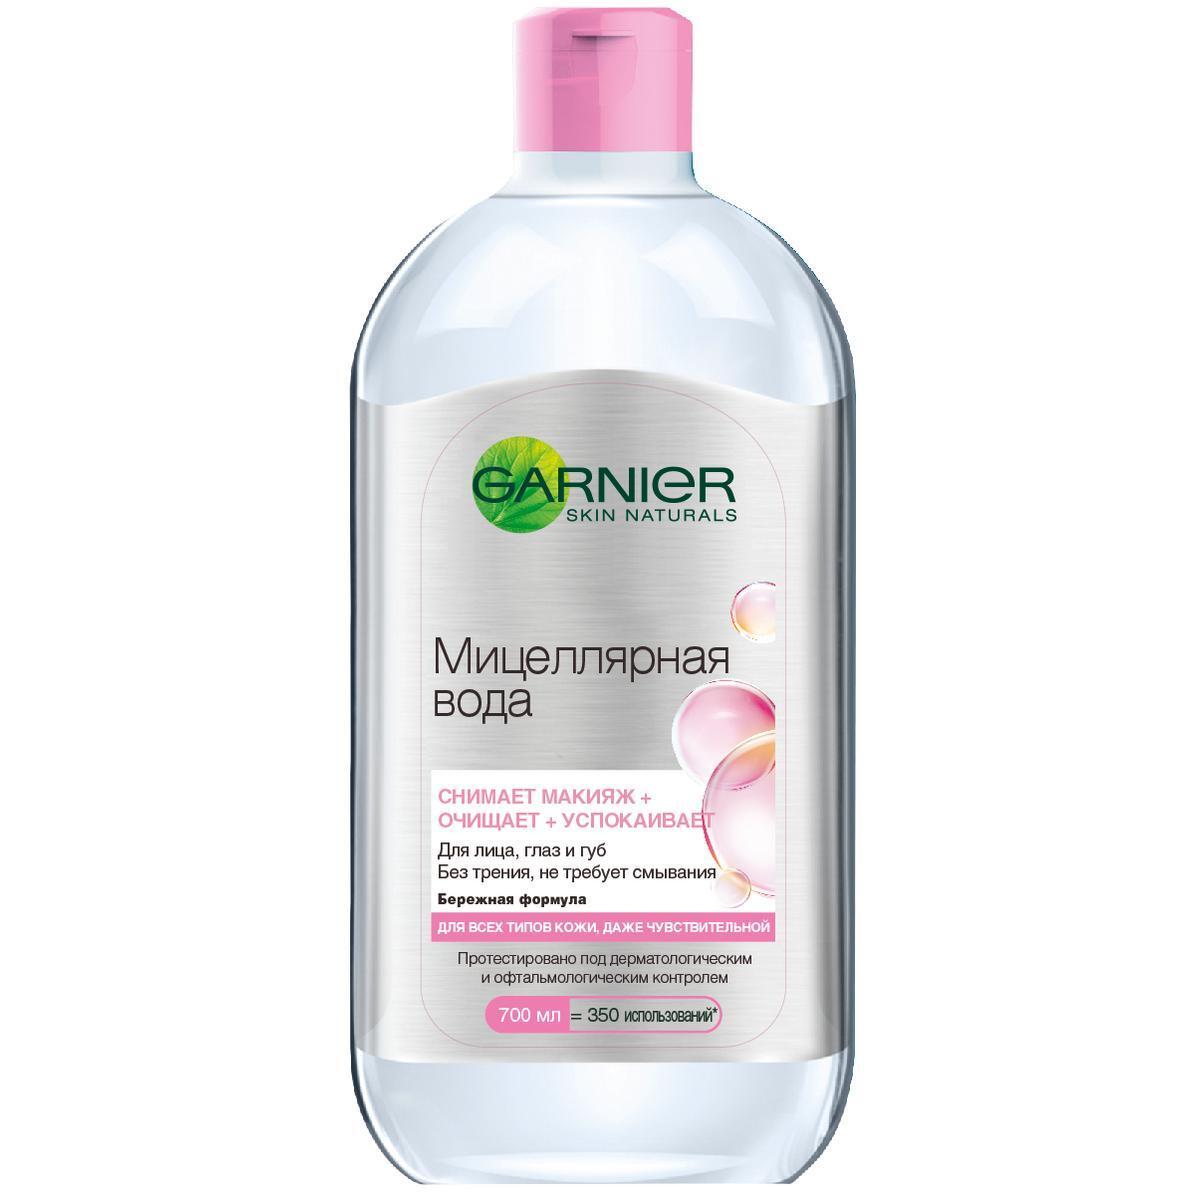 Garnier Мицеллярная вода, очищающее средство для лица, для всех типов кожи, 700 мл  #1